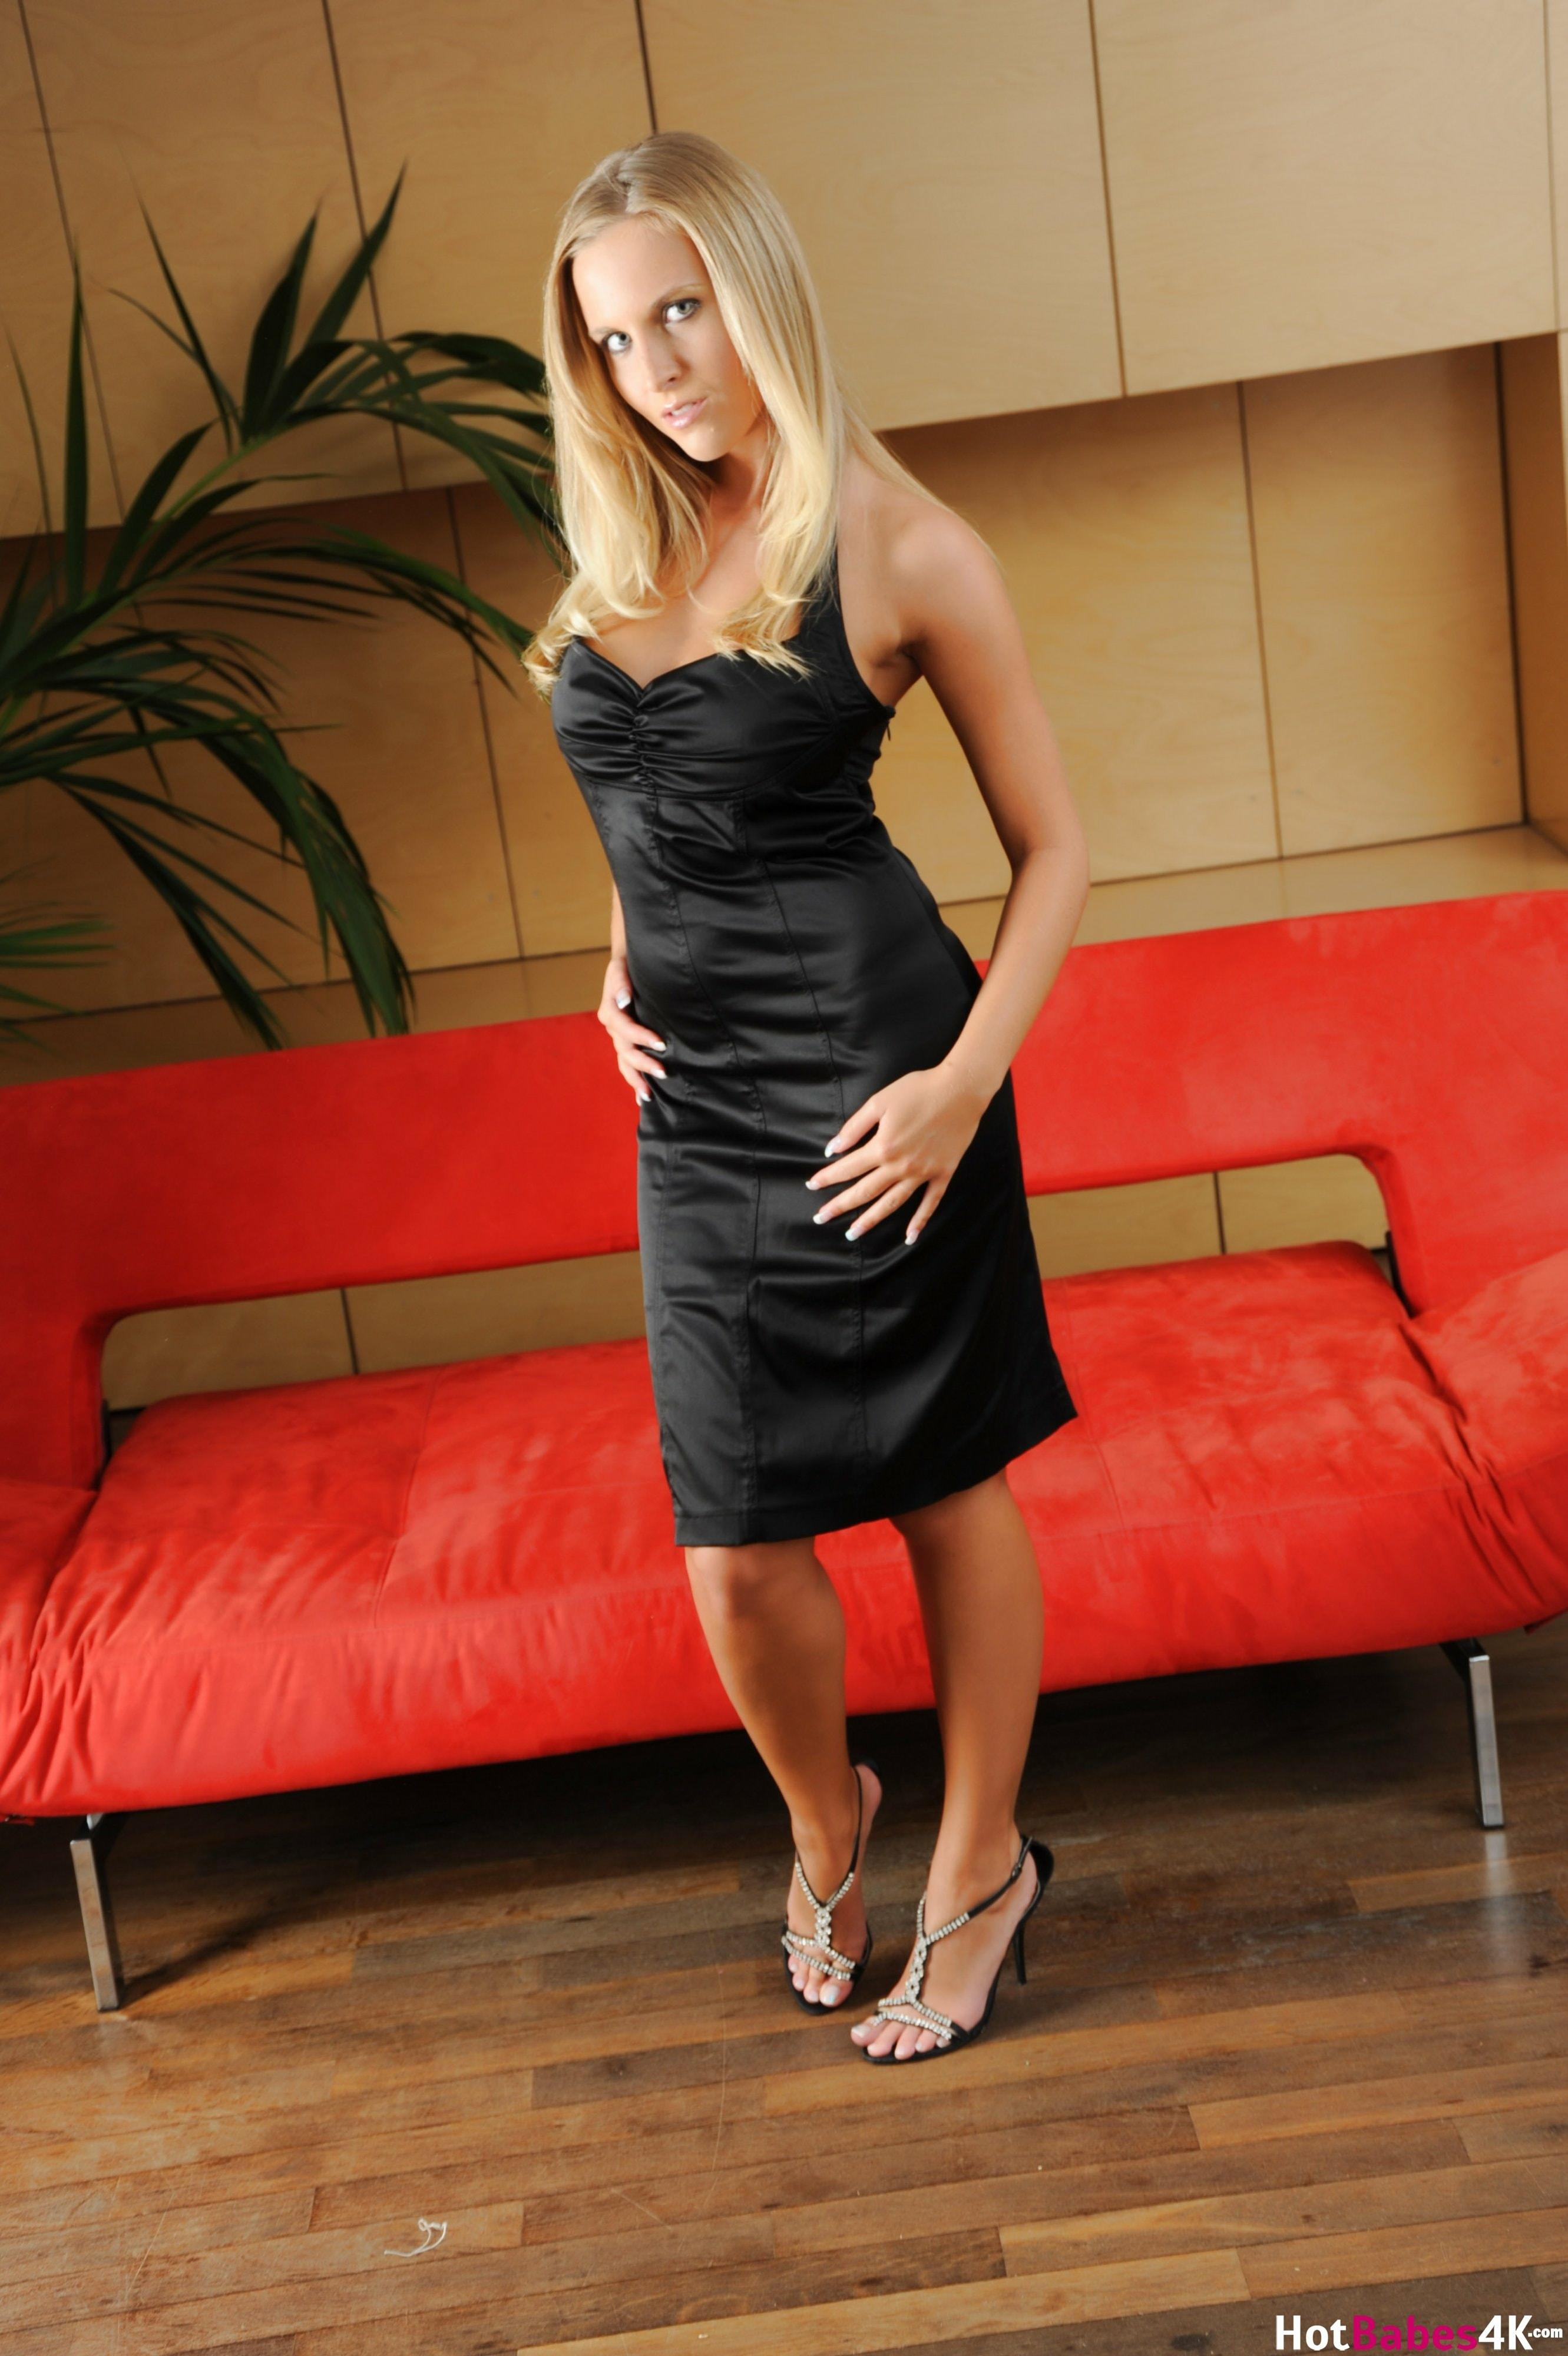 Cikita Big Tits in Sexy Tight Black Dress